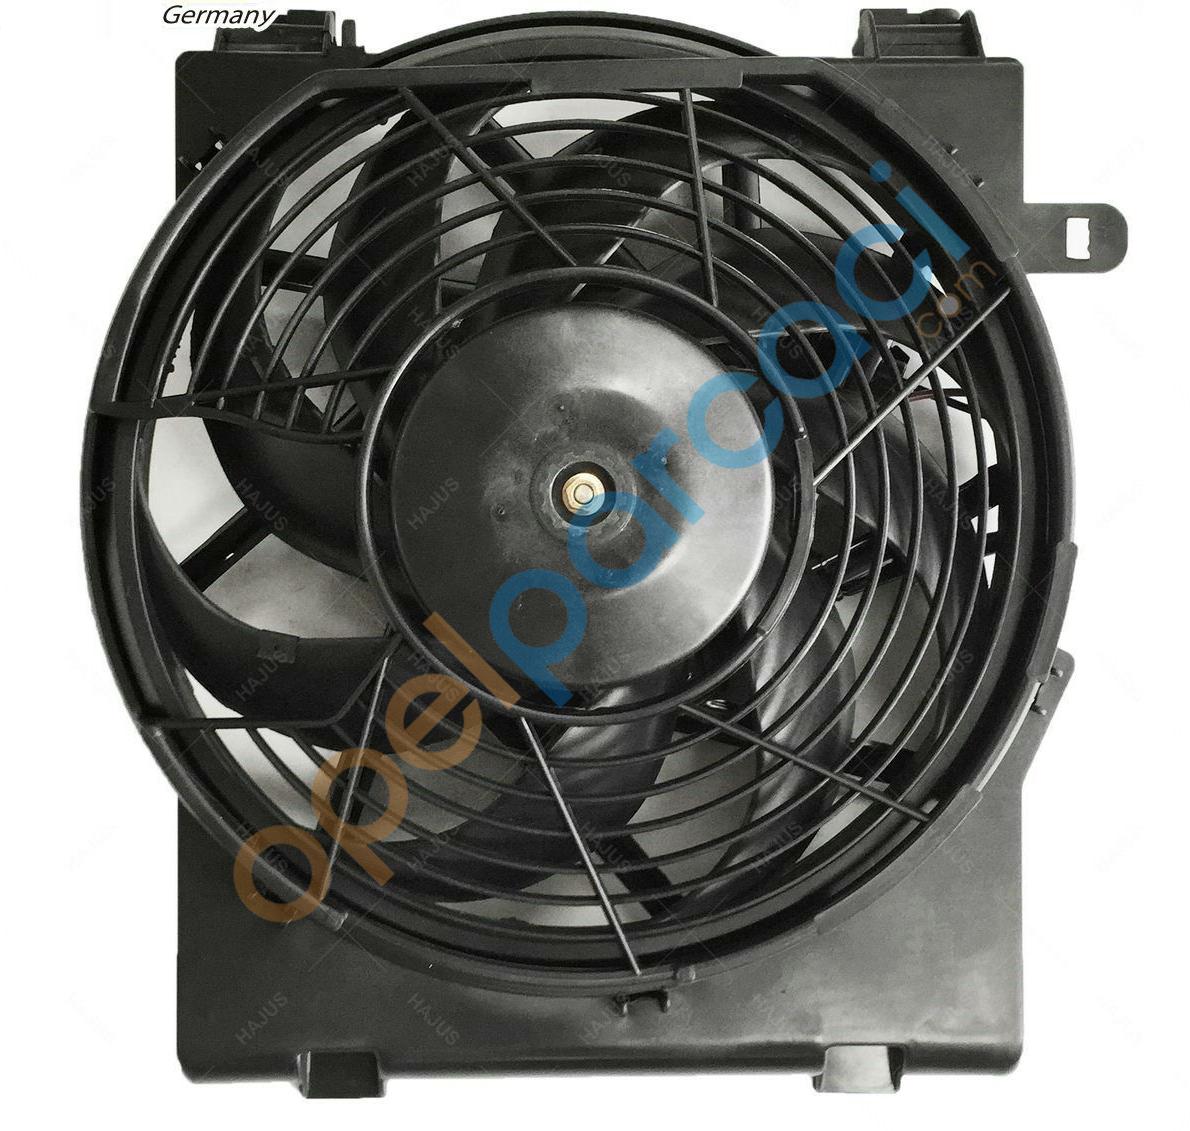 Opel Corsa C Klima Fan Motoru 1.0 - 1.2 - 1.4 Motorlar İTHAL